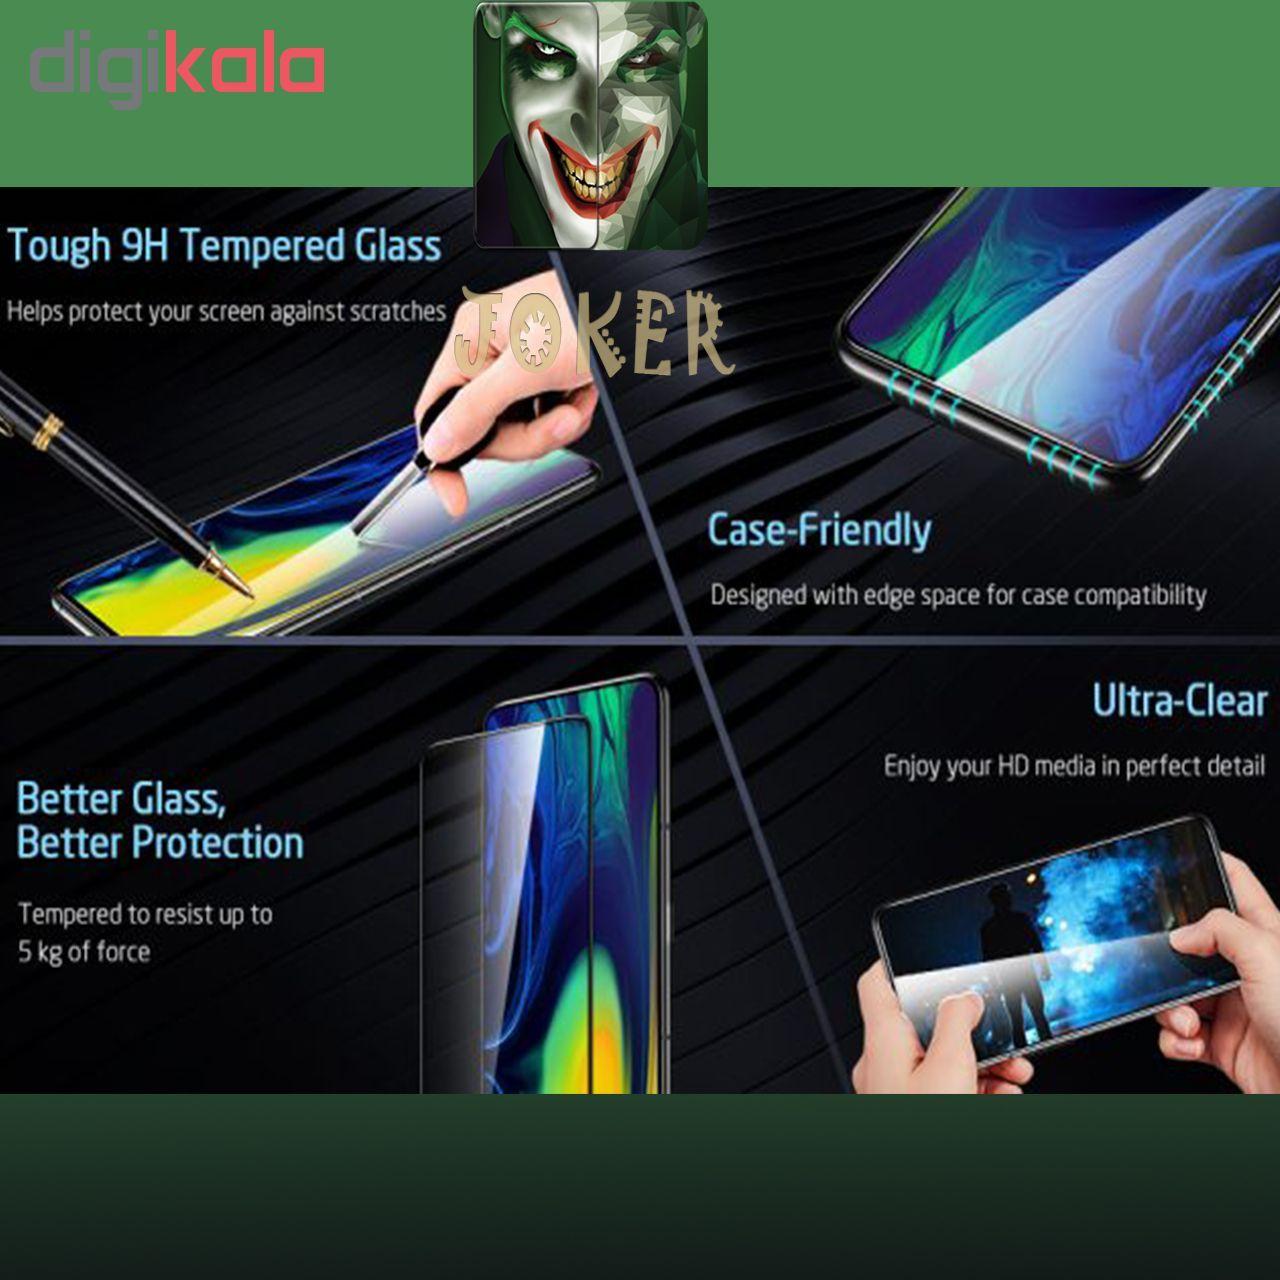 محافظ صفحه نمایش و پشت گوشی جوکر مدل FUM-01 مناسب برای گوشی موبایل Iphone X/Xs به همراه محافظ لنز دوربین main 1 4